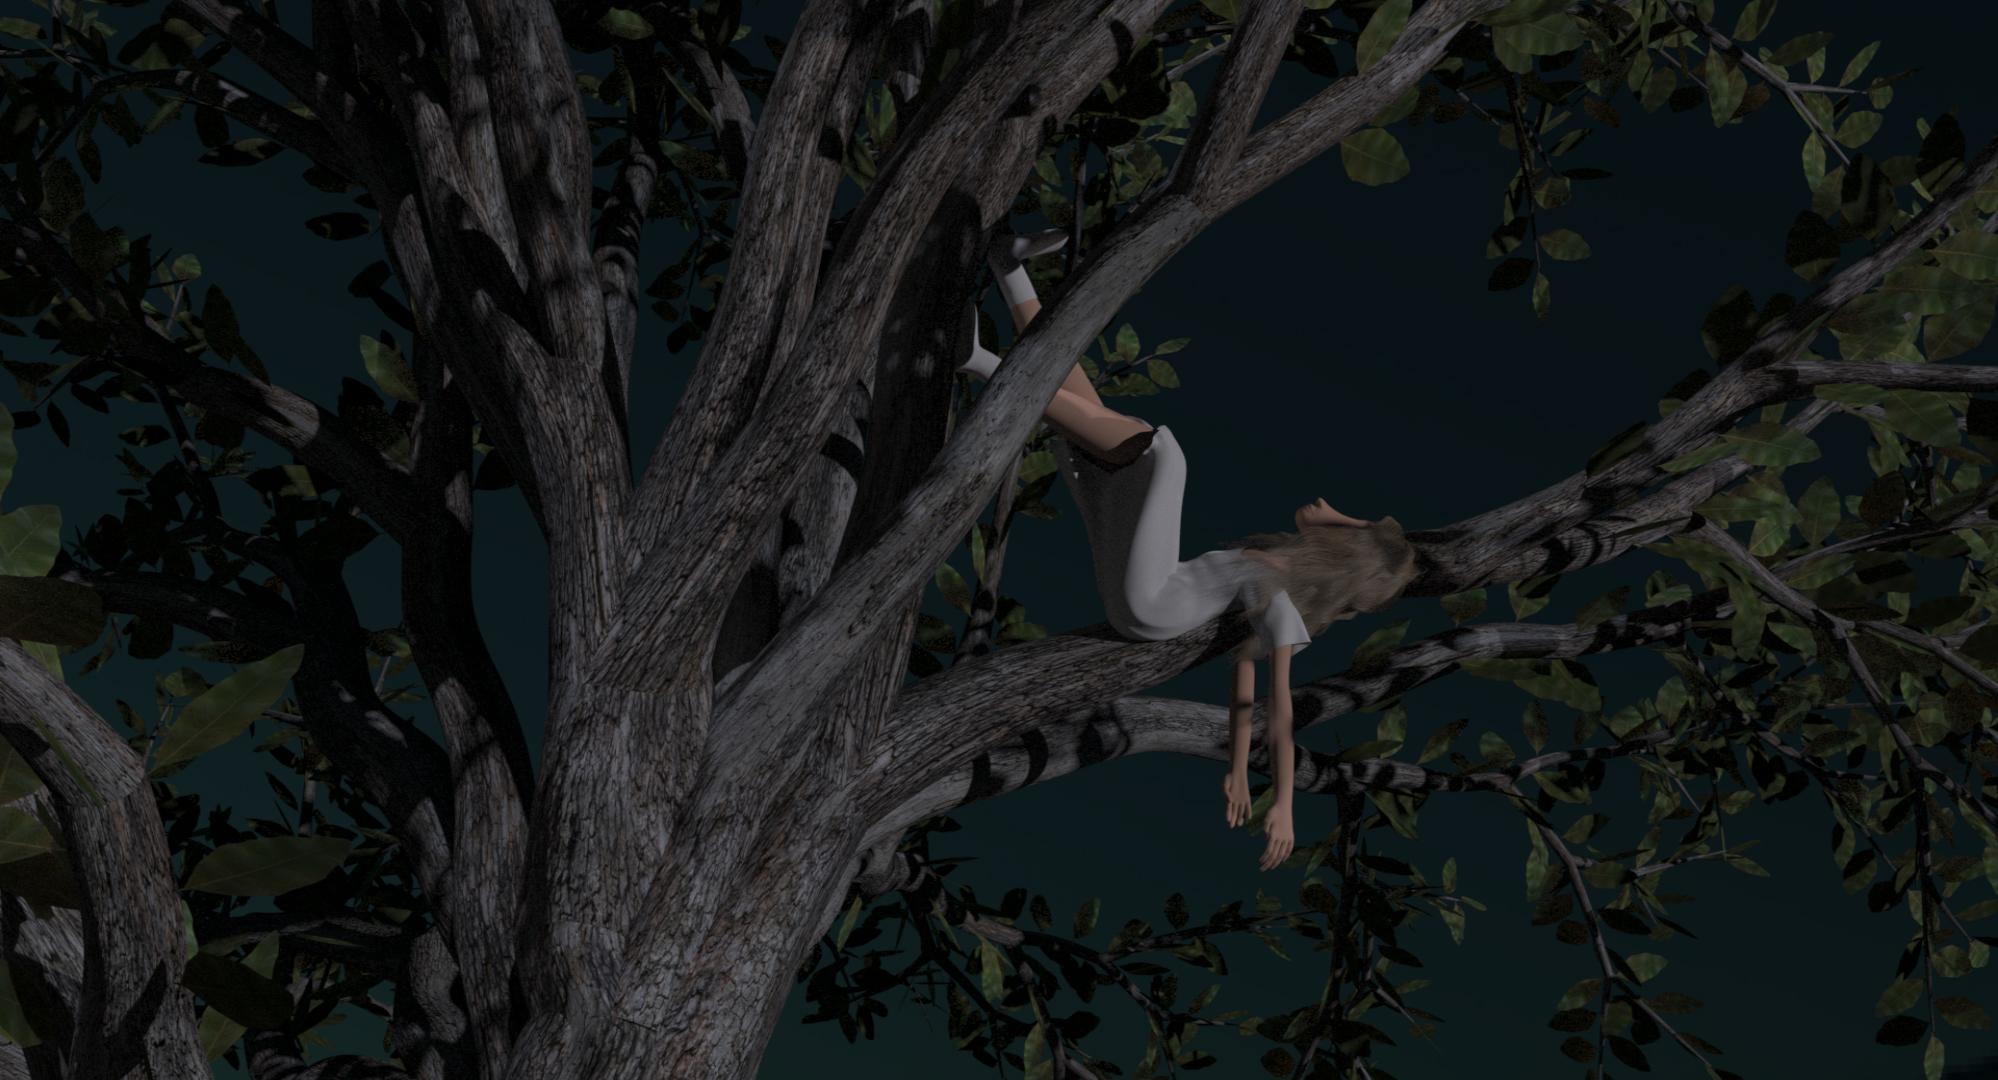 TheSomnambulist_Tree.jpg